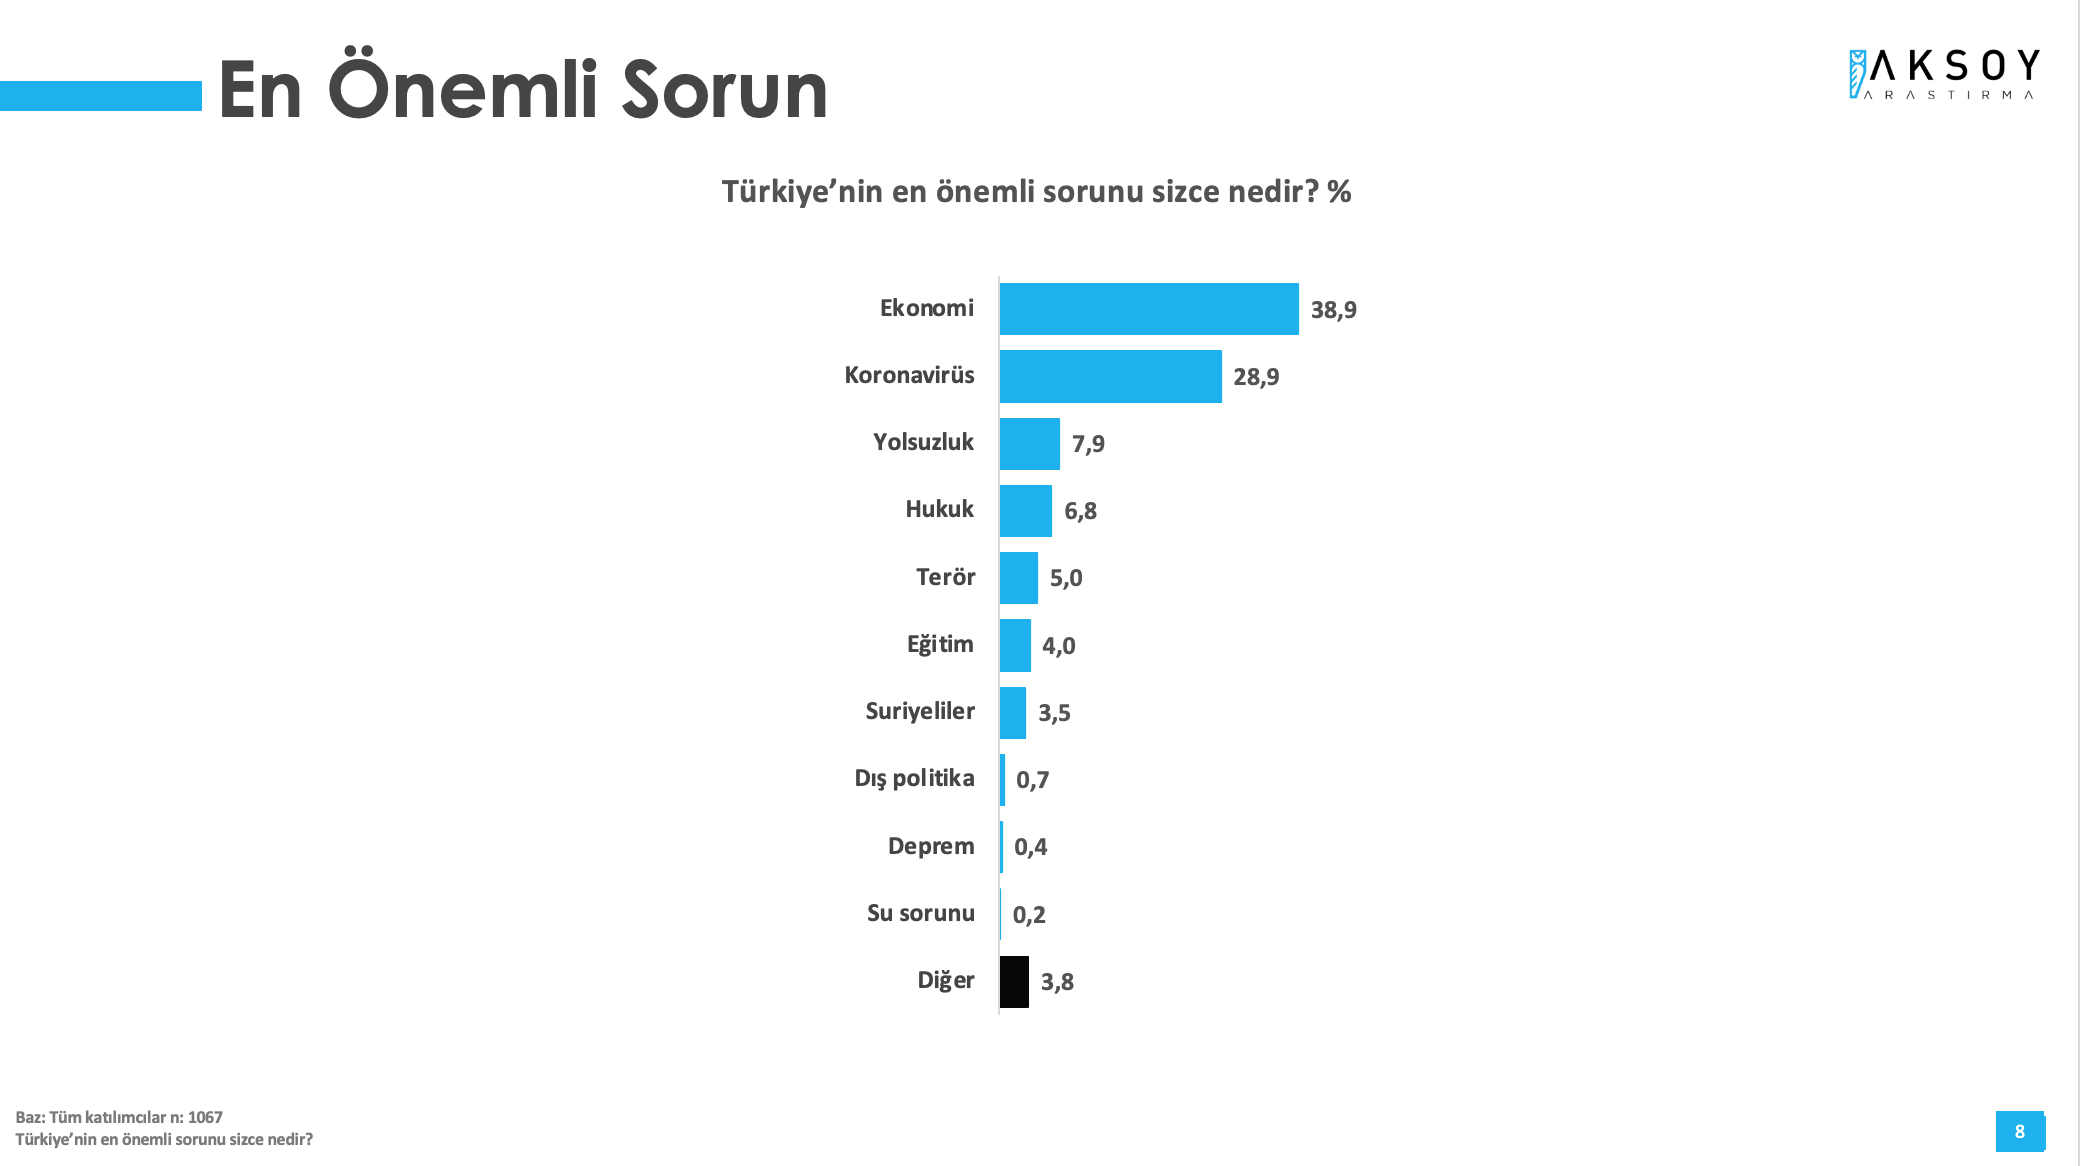 <p><strong>'EN BÜYÜK SORUN EKONOMİ'</strong></p><p>Türkiye Monitörü Mayıs 2021 araştırmasında, 'Türkiye'nin en önemli sorunu sizce nedir?' sorusu soruldu. Araştırmaya katılanların yüzde 38,9'u Türkiye'nin en önemli sorunu 'ekonomi' yanıtını verdi. İkinci sırada ise, yüzde 28,9 ile 'koronavirüs' gelirken, onu yüzde 7,9 ile 'yolsuzluk' yanıtı takip etti.&nbsp;</p>